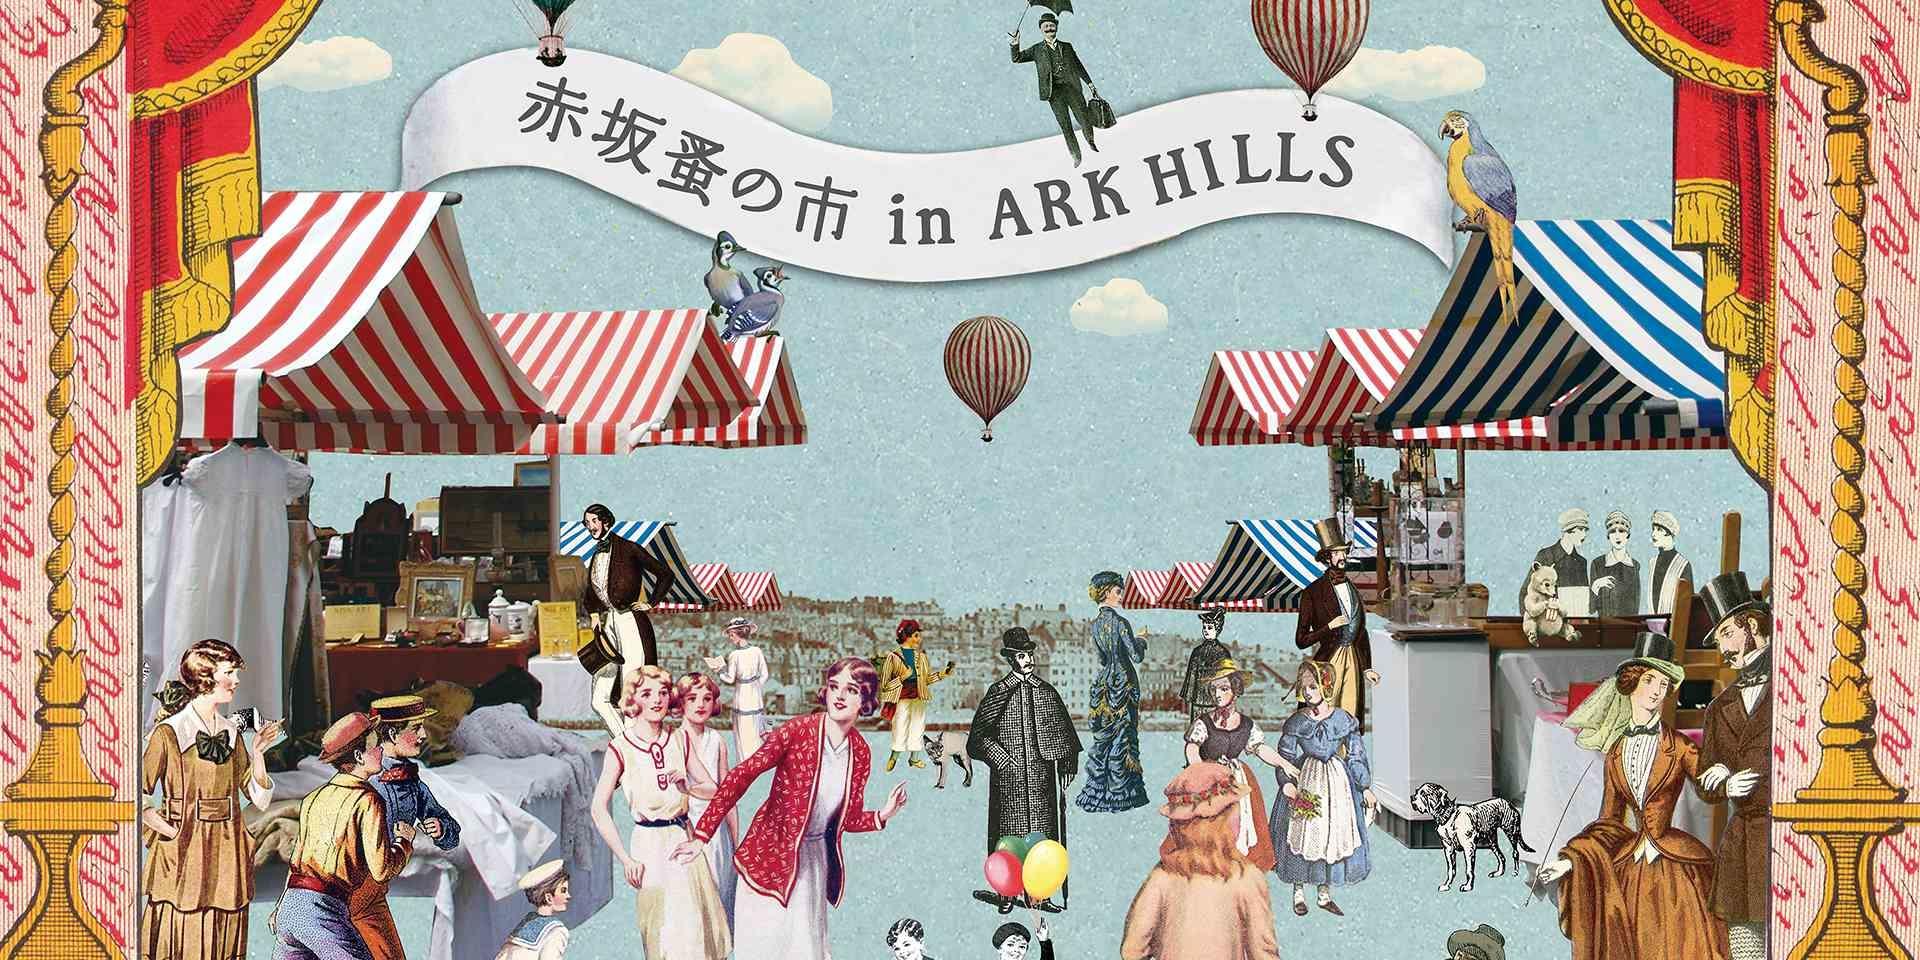 【出店イベント】第81回赤坂蚤の市 in ARK HILLS